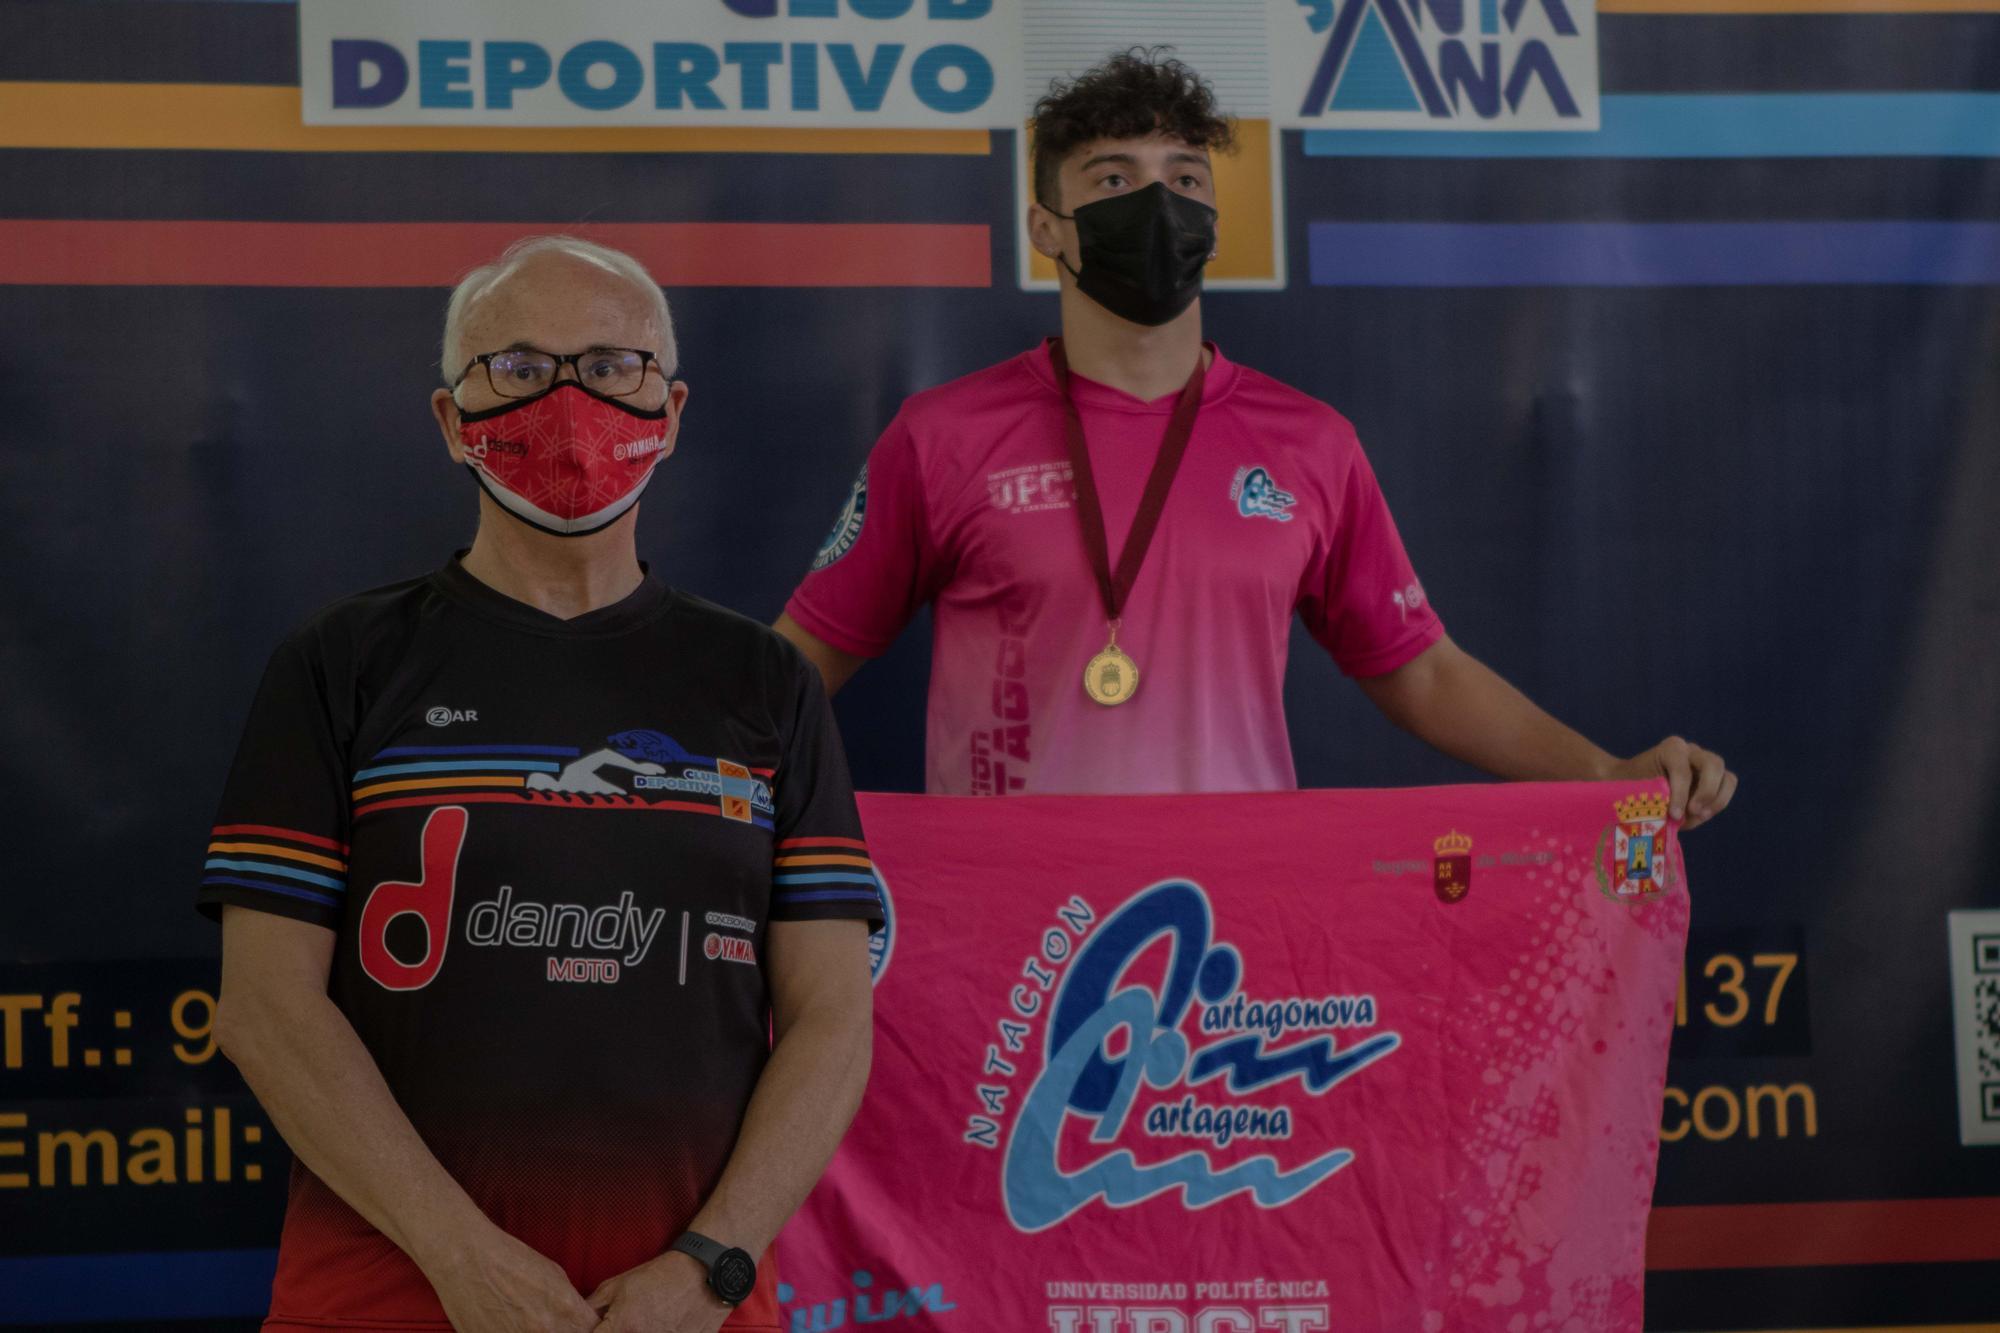 El CN Cartagonova-Cartagena, campeón regional de verano